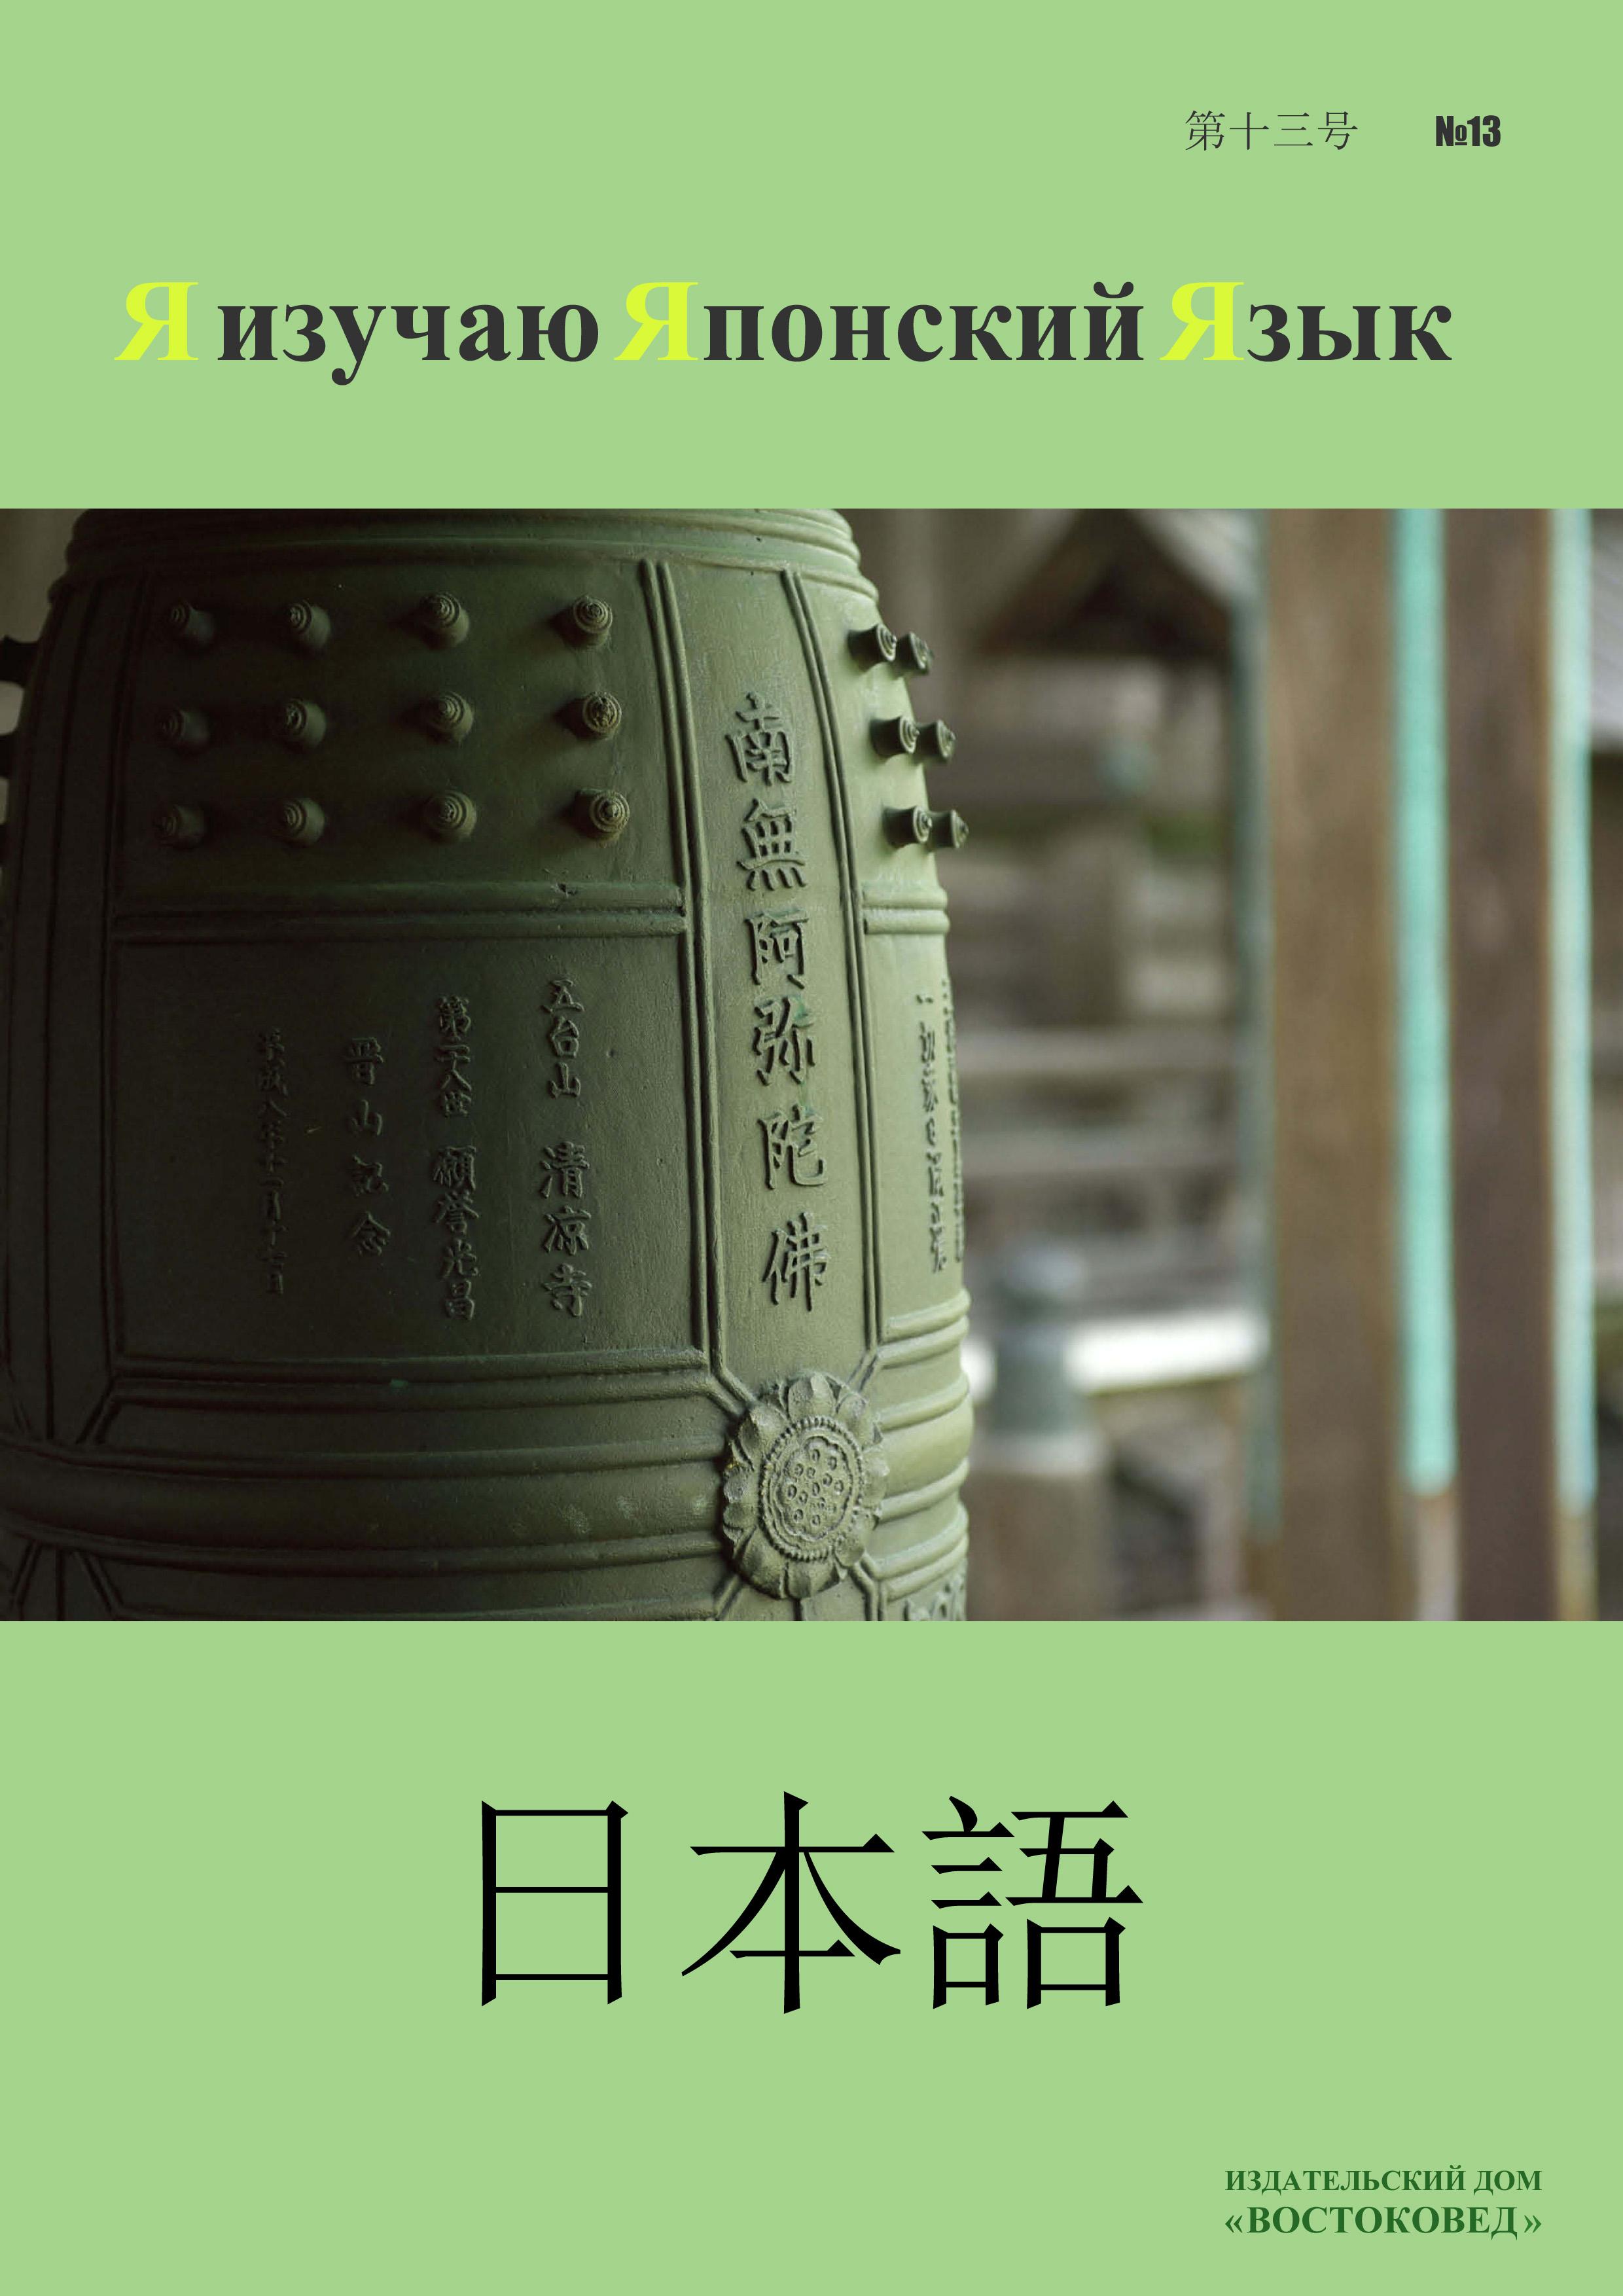 Отсутствует Я изучаю Японский Язык №13 музыка и многое другое ohto cb 10mj гранд серии ручки серебро керамические бусины 0 5мм черный full metal сделано в японии